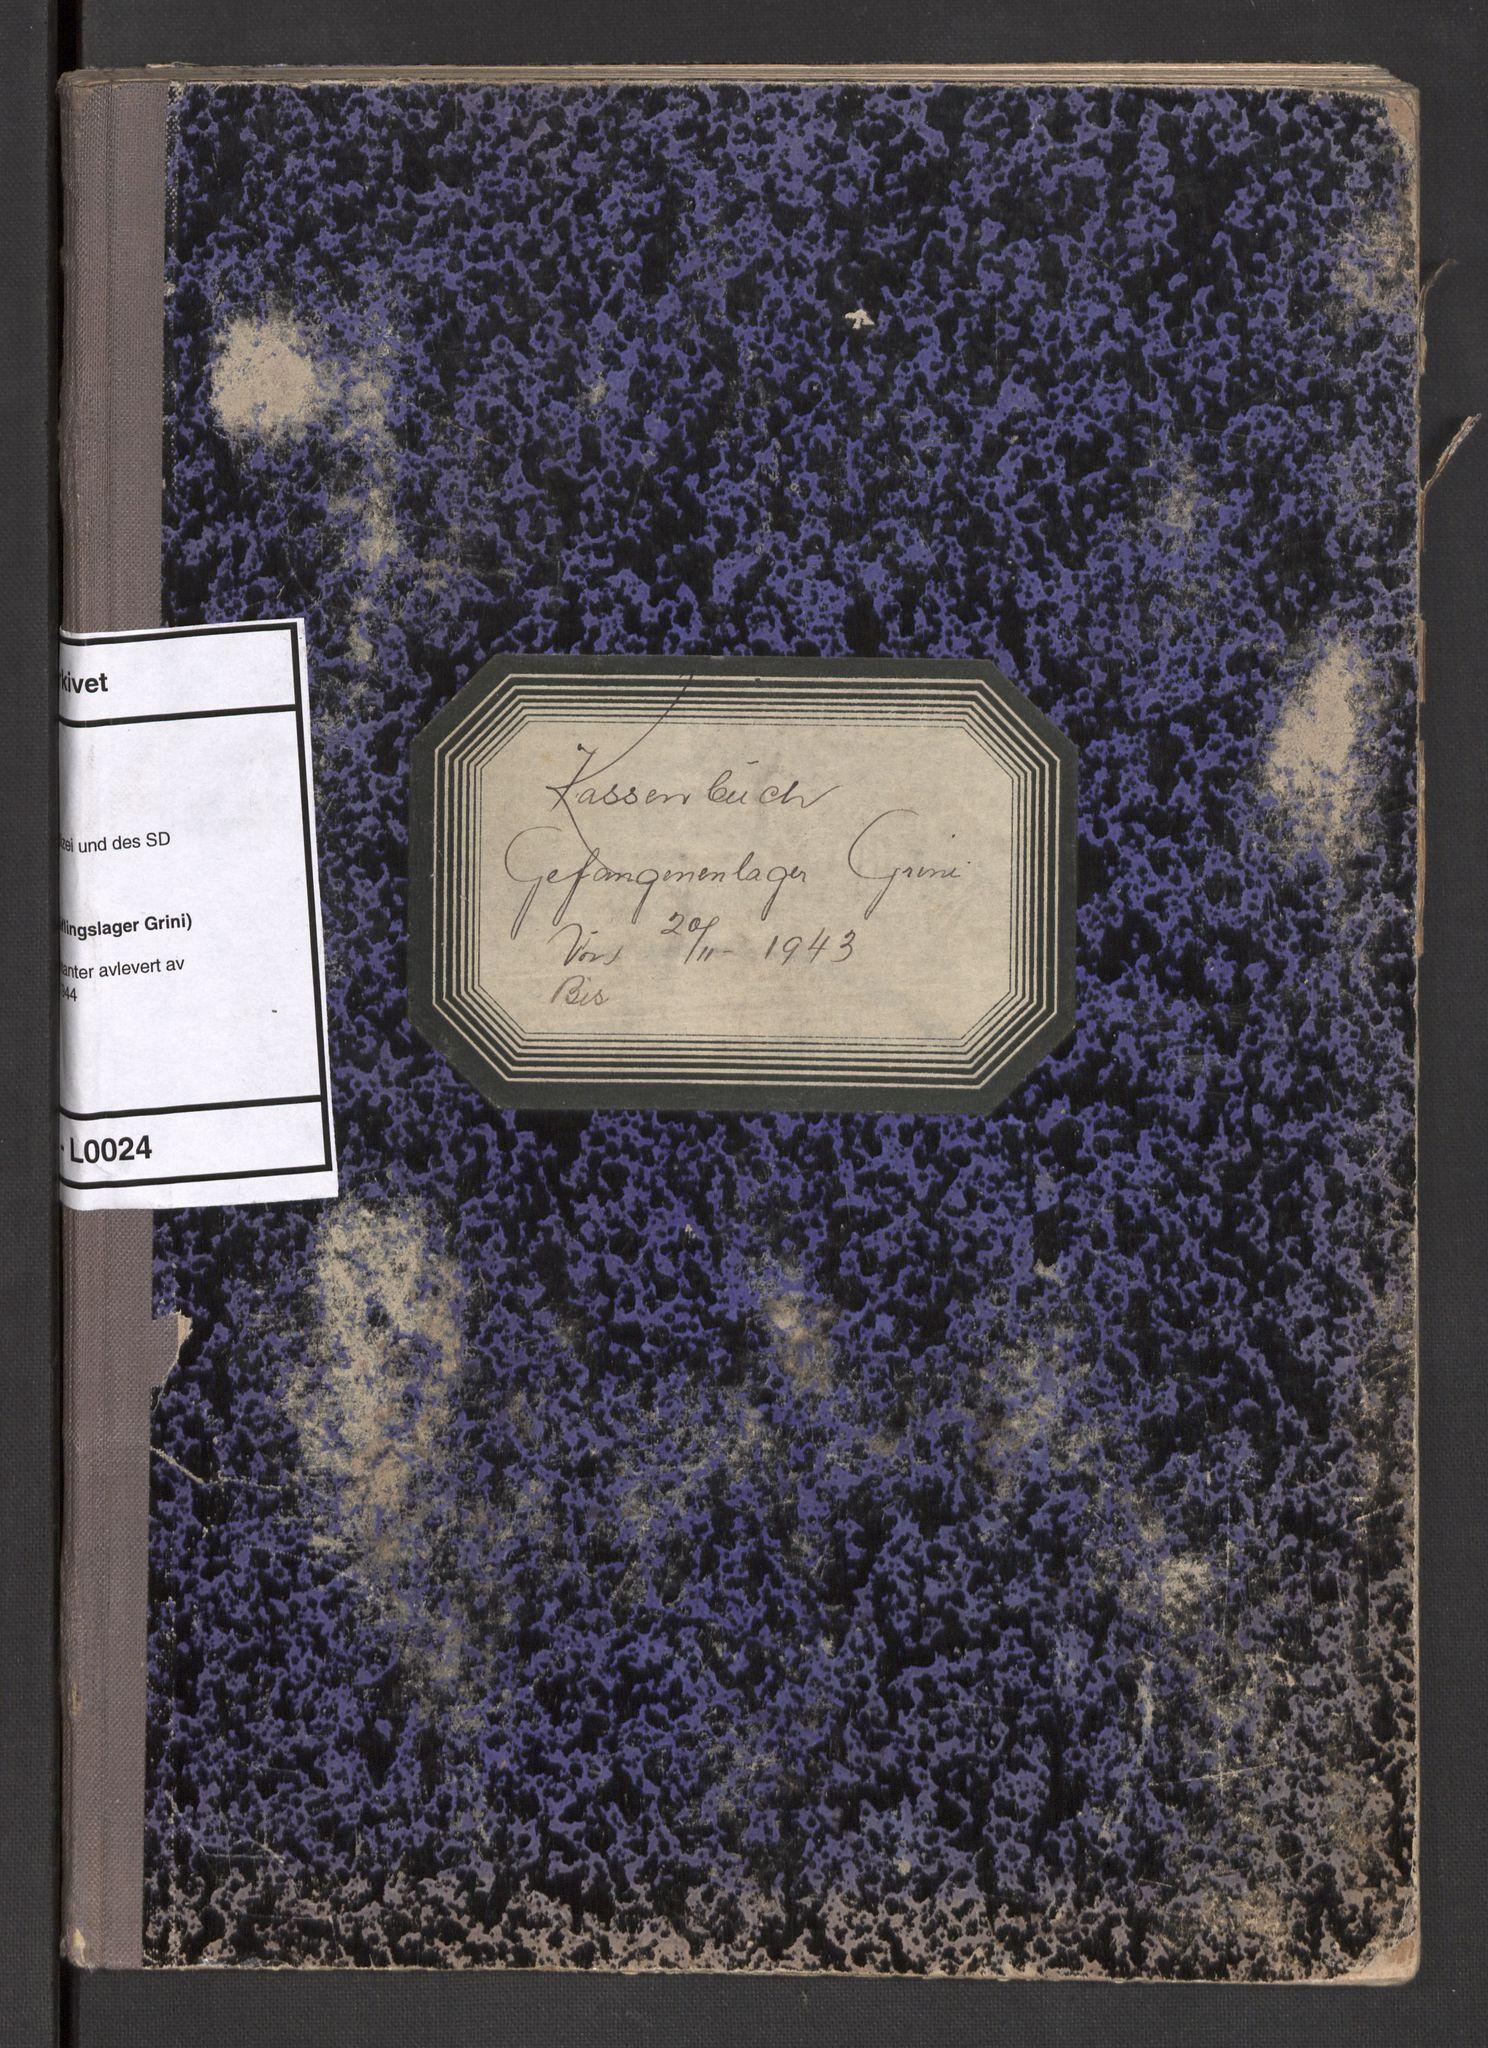 RA, Befehlshaber der Sicherheitspolizei und des SD, F/Fa/Faa/L0024: Kassenbuch. Oversikt over kontanter avlevert av fangene , 1943-1944